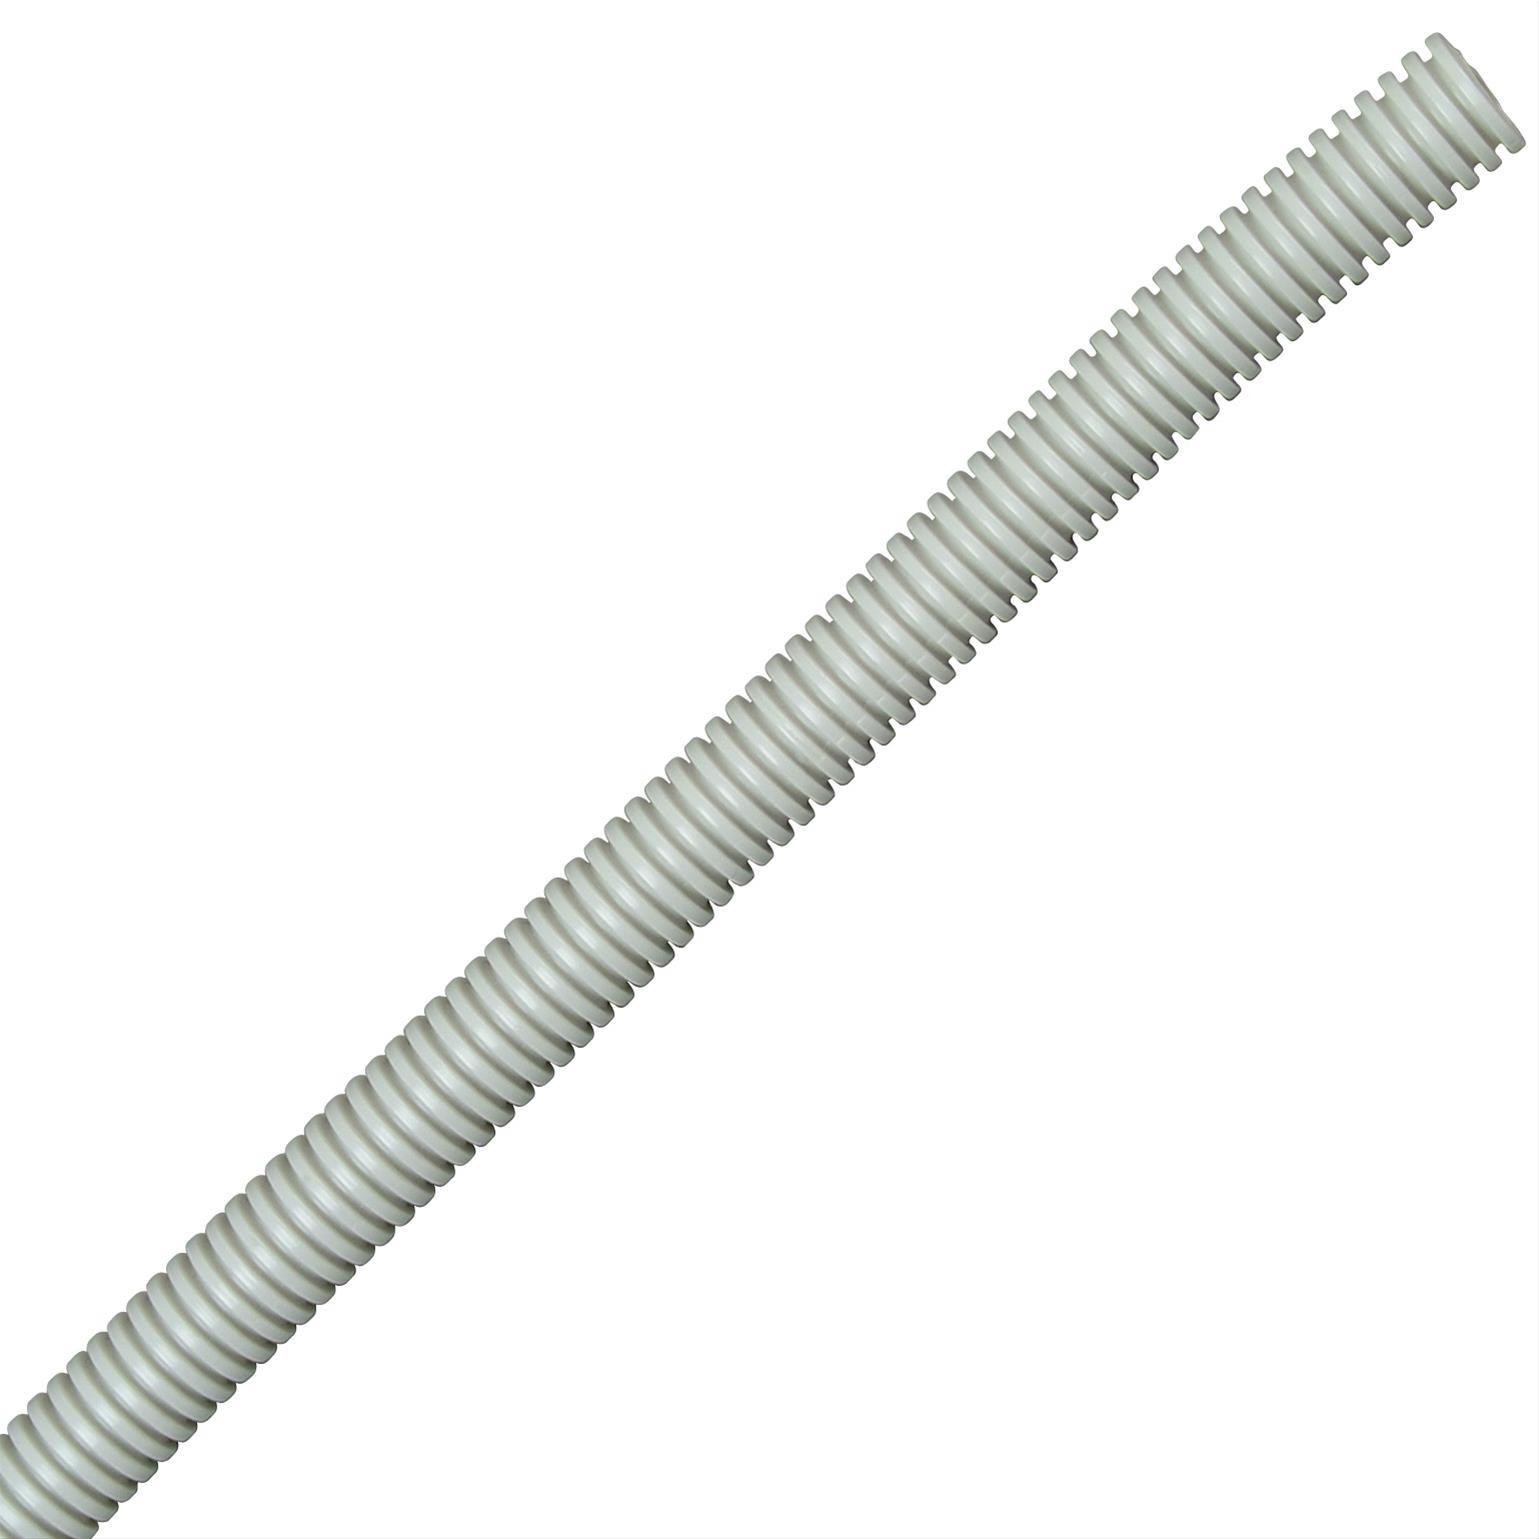 Kopp Iso-Rohr flexibel 320 N M20 10m Bild 1